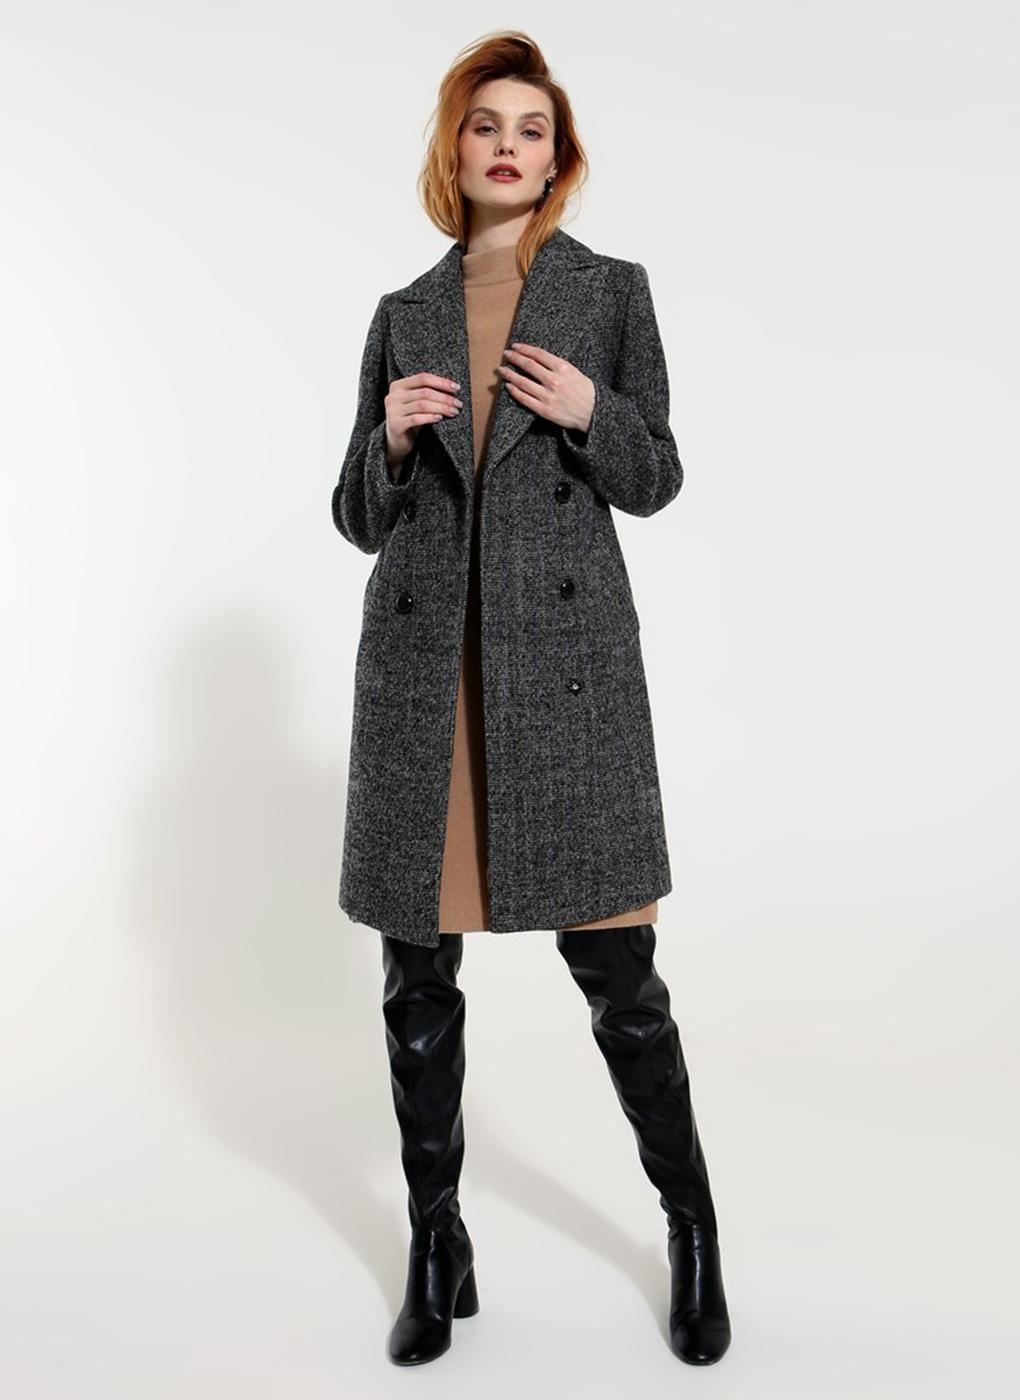 Пальто приталенное шерстяное 72, idekka фото